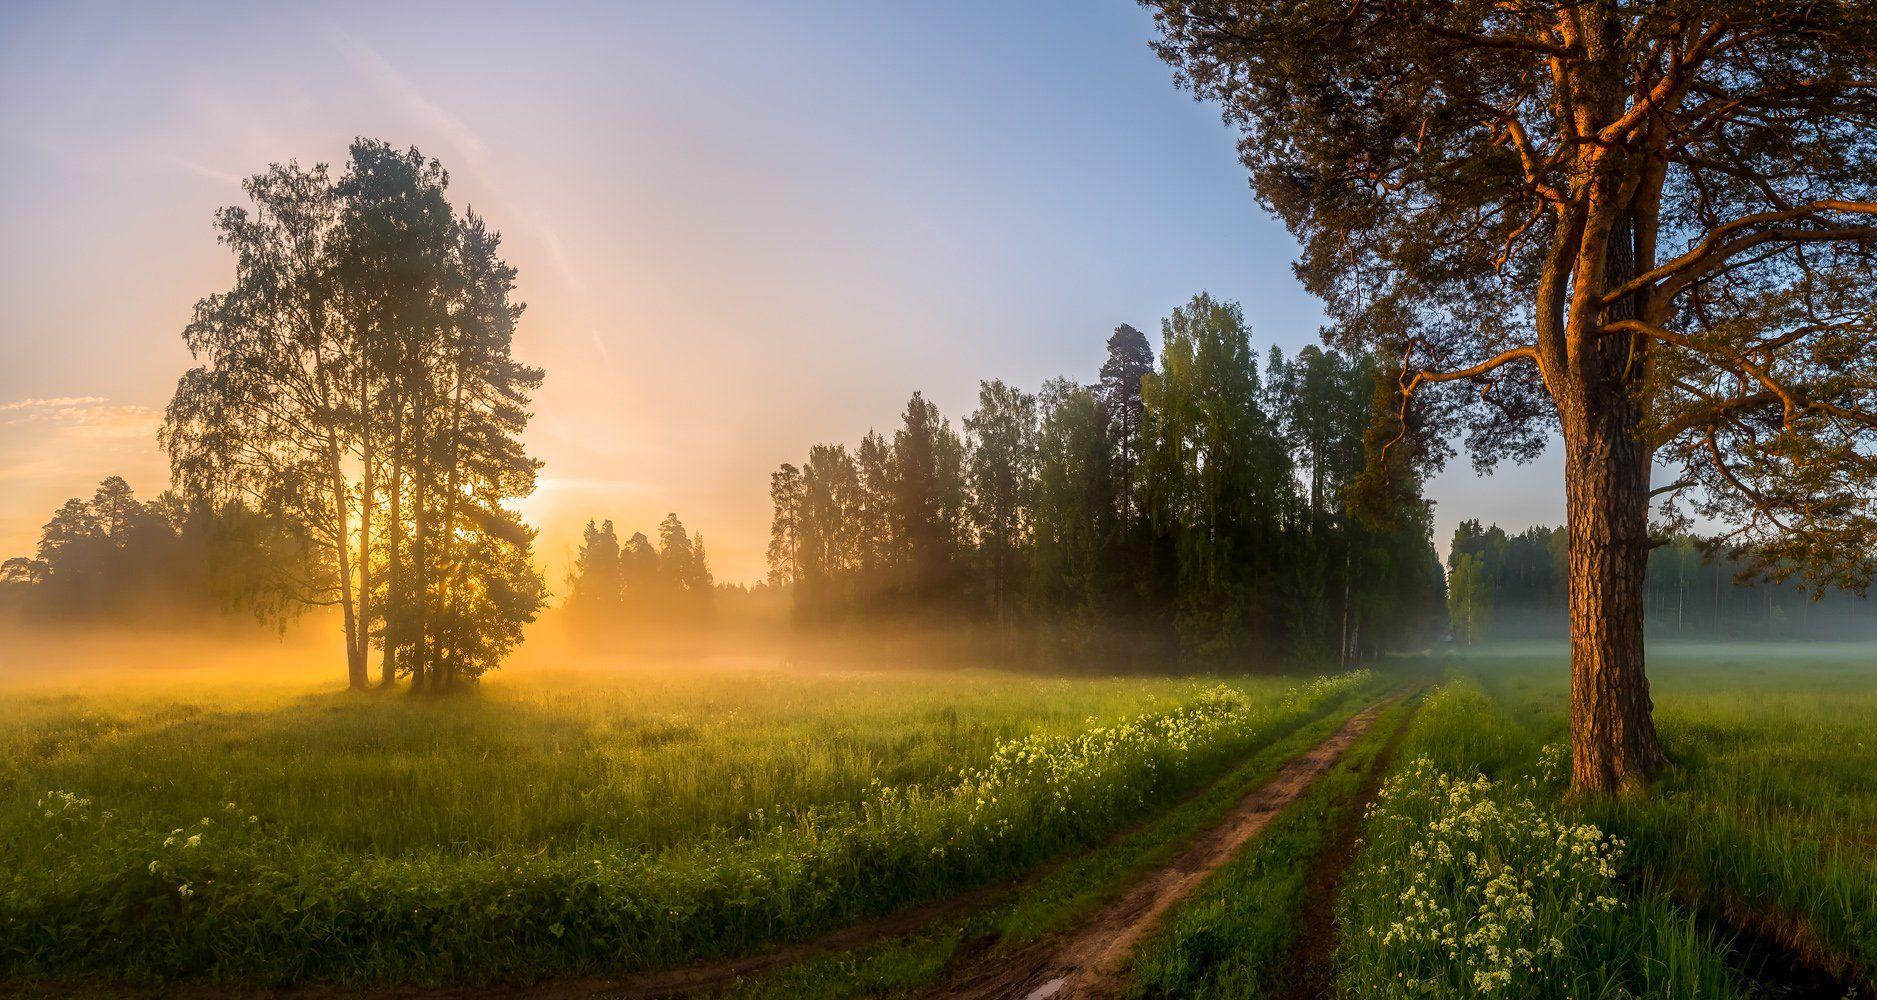 санкт-петербург, парк павловск, лето, дорожка, прогулка, туман, рассвет, сосна, отдых., Лашков Фёдор